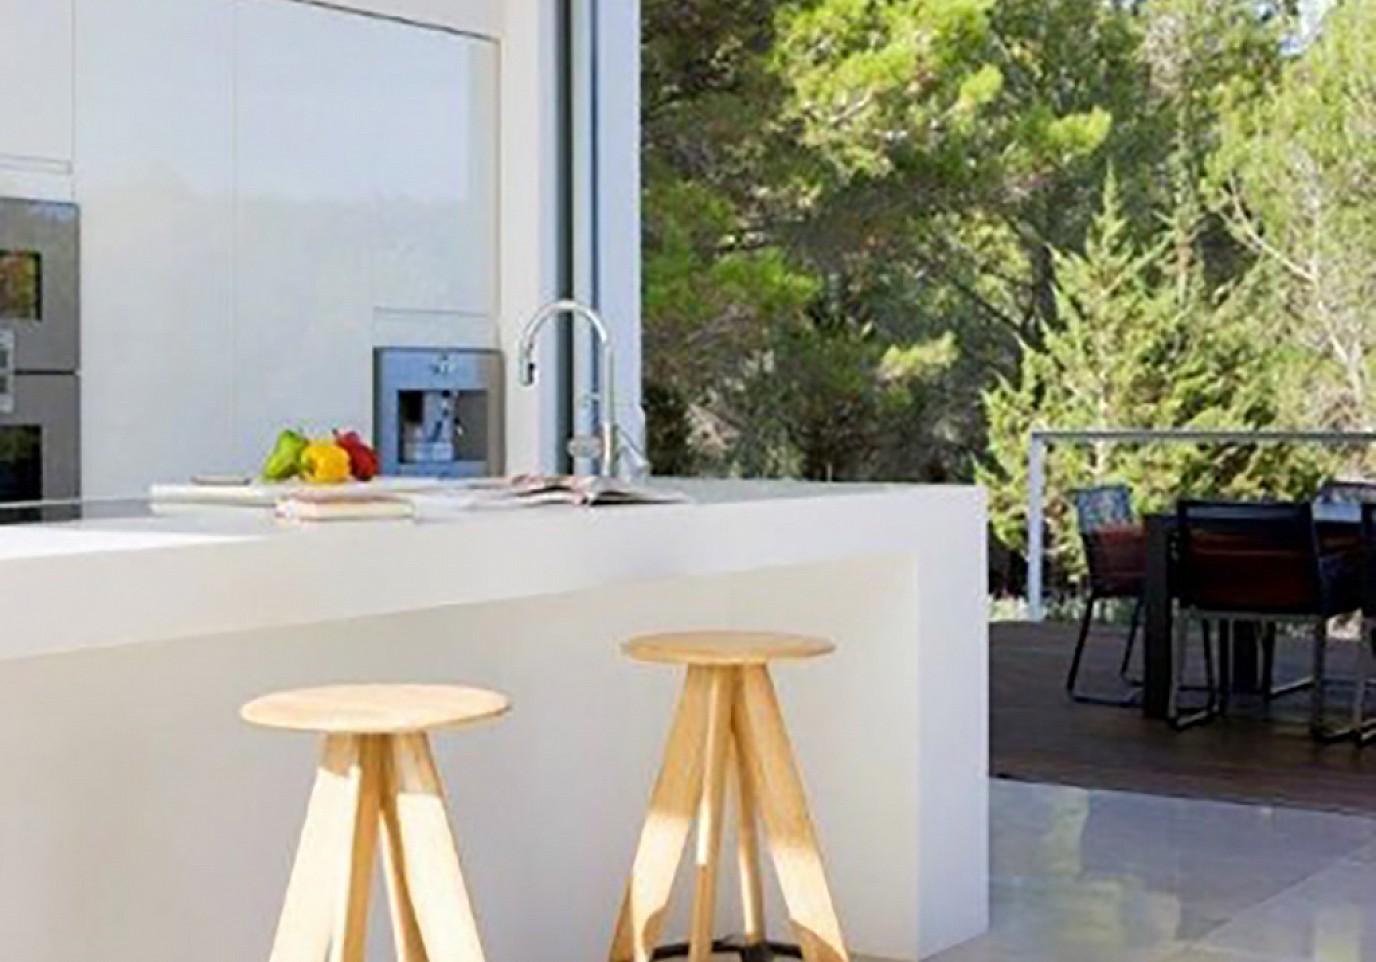 Современнная кухня виллы в аренду в Сан Агнес